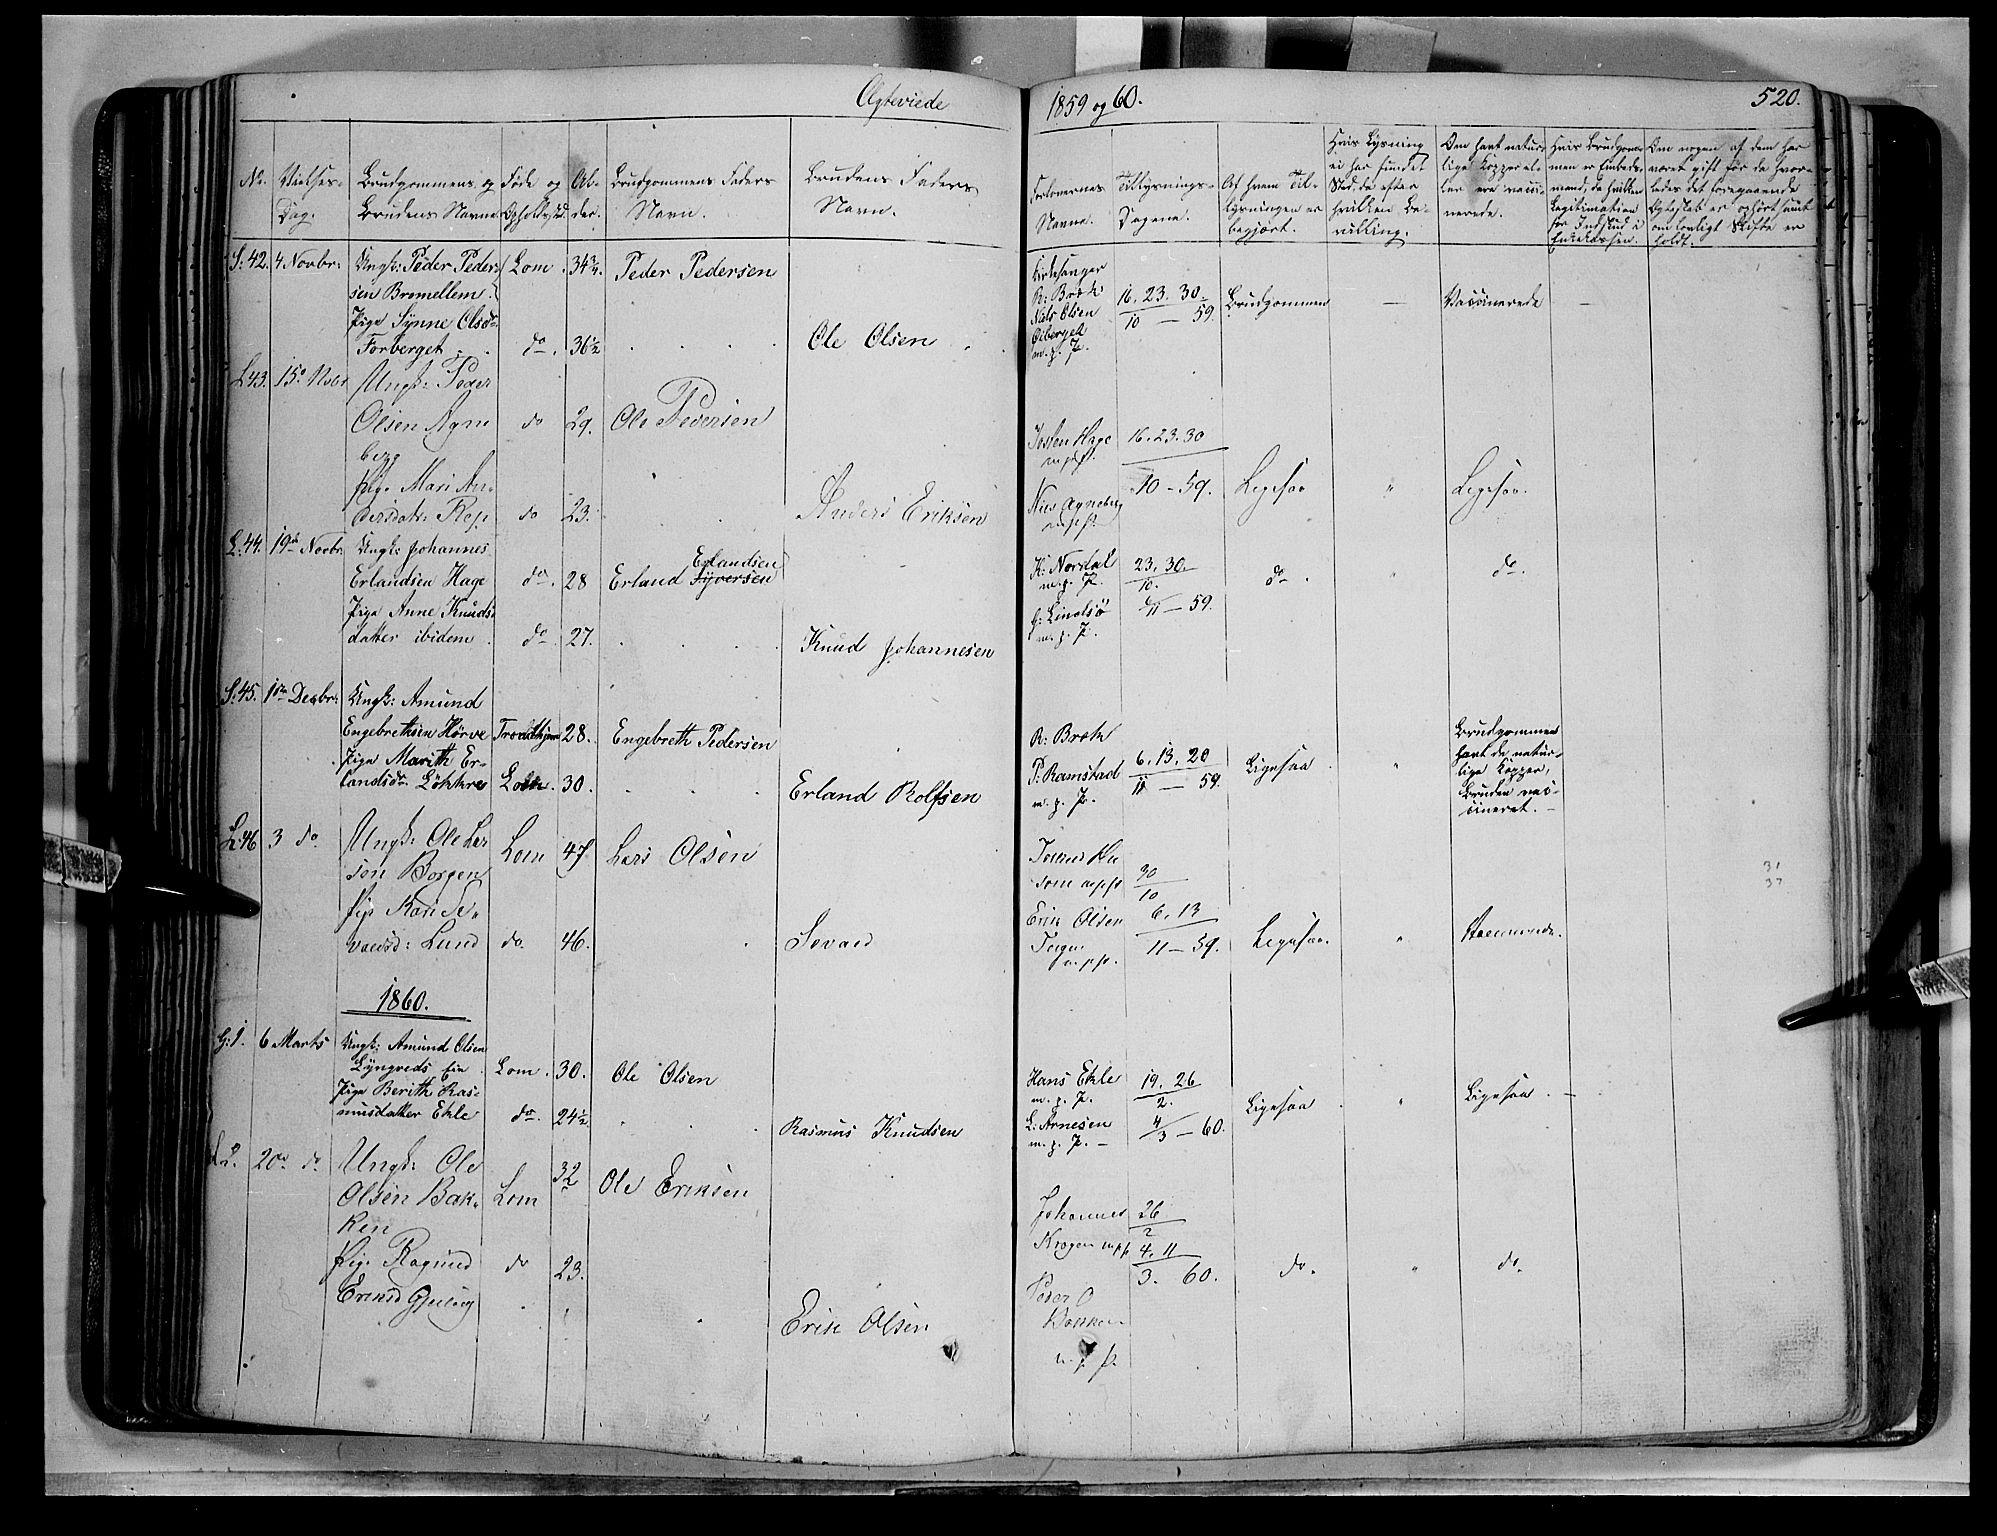 SAH, Lom prestekontor, K/L0006: Ministerialbok nr. 6B, 1837-1863, s. 520